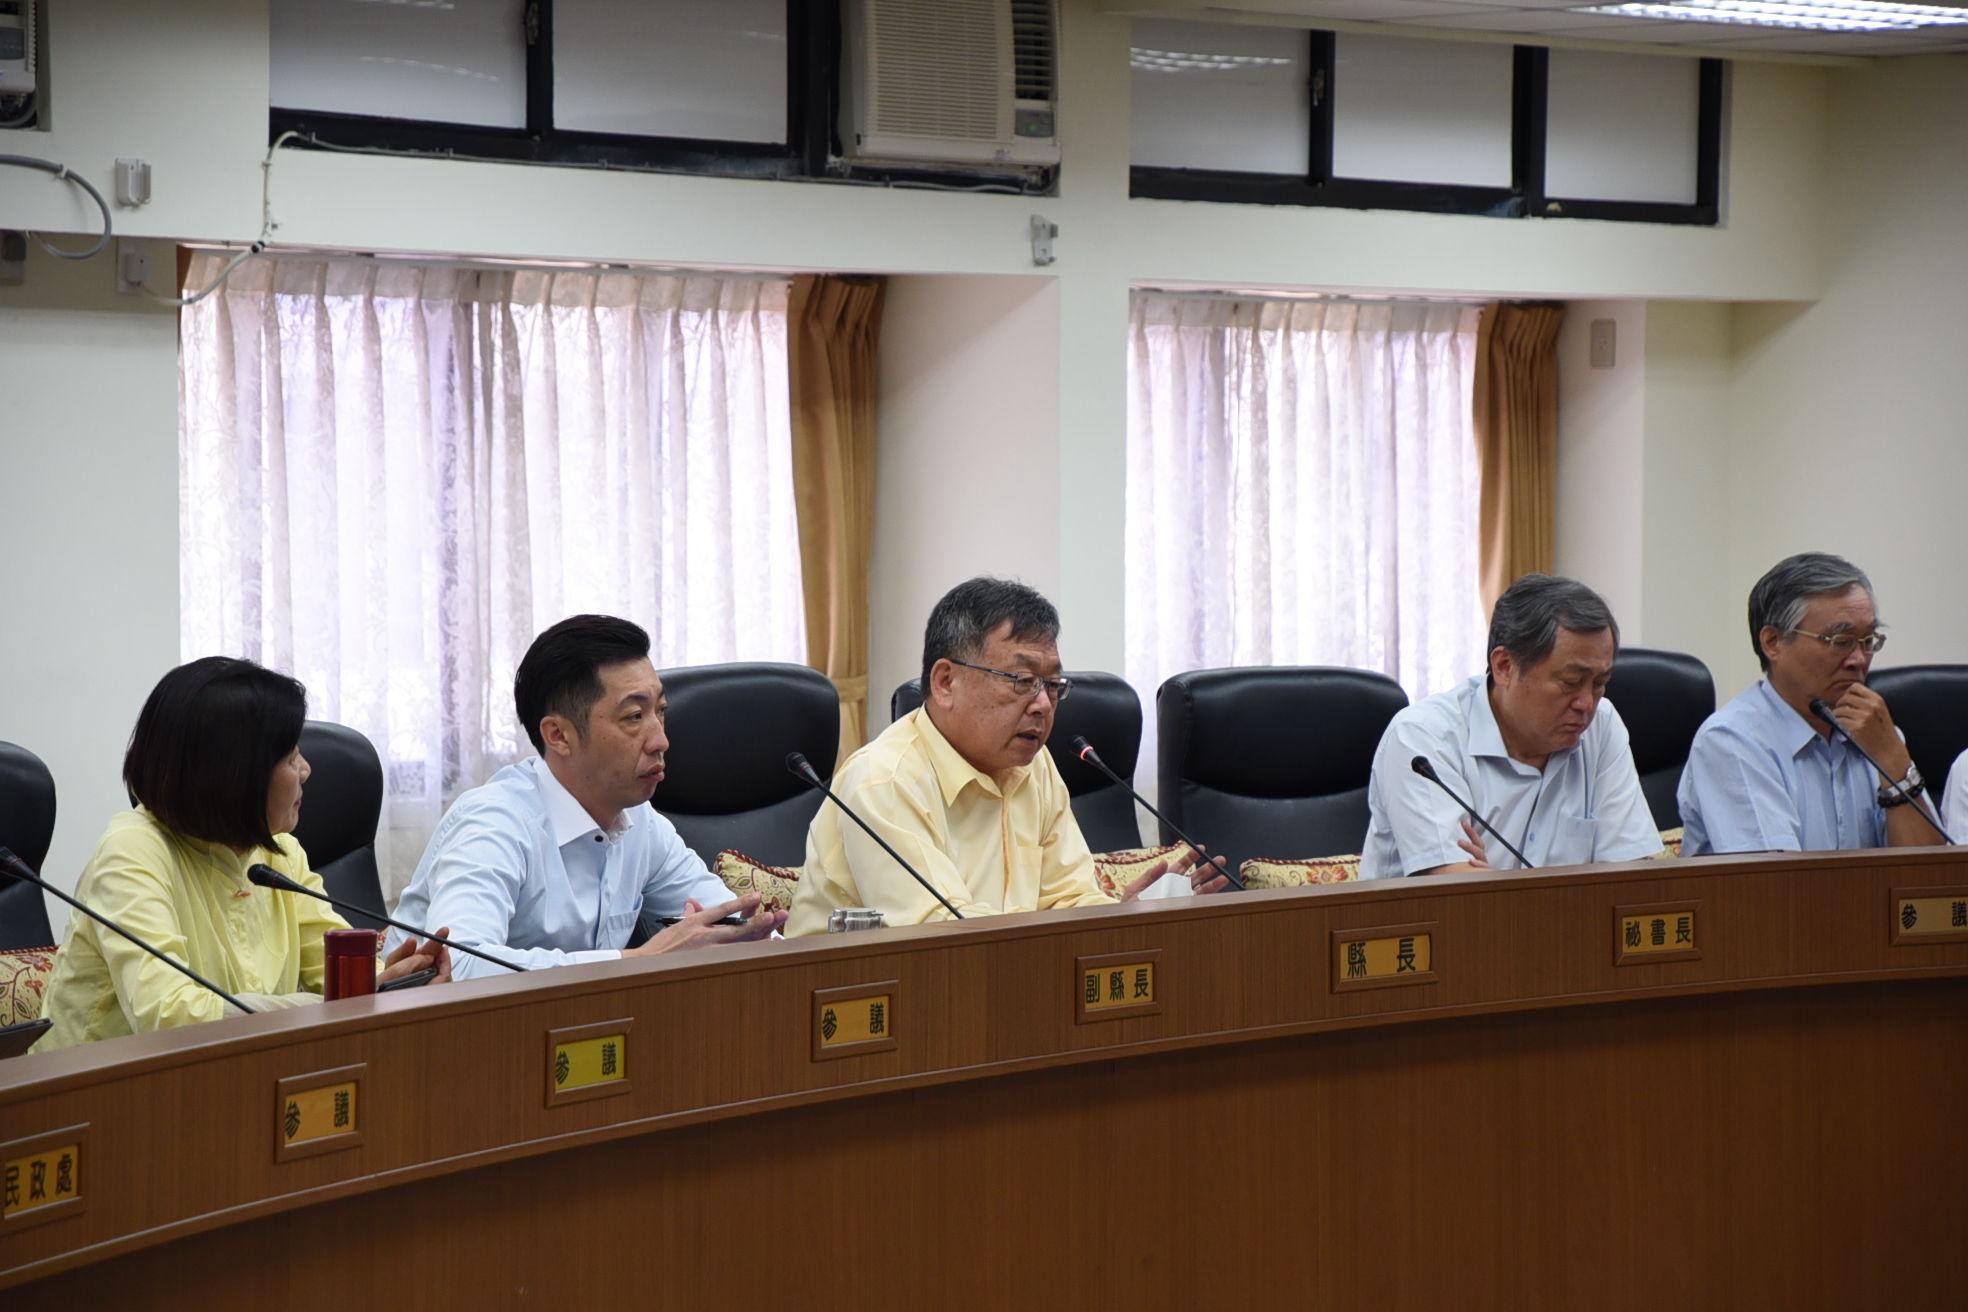 賴縣長指示農漁局研擬對策,打造海洋生物永續生存環境